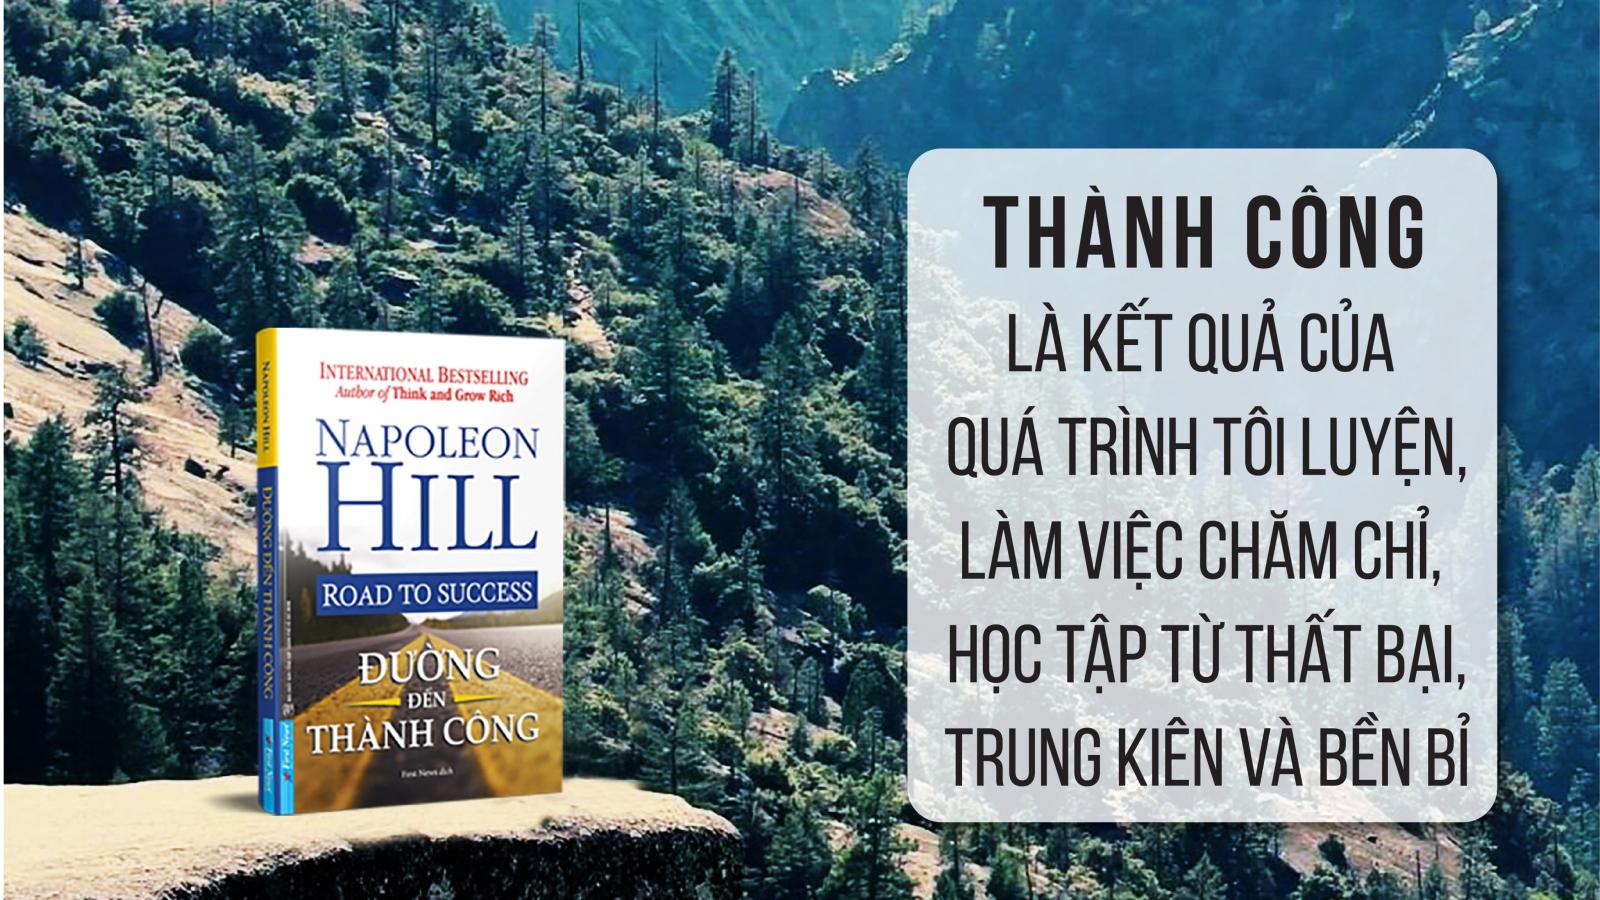 15 biển báo từ Napoleon Hill giúp bạn tìm kiếm sự thành công trong cuộc sống